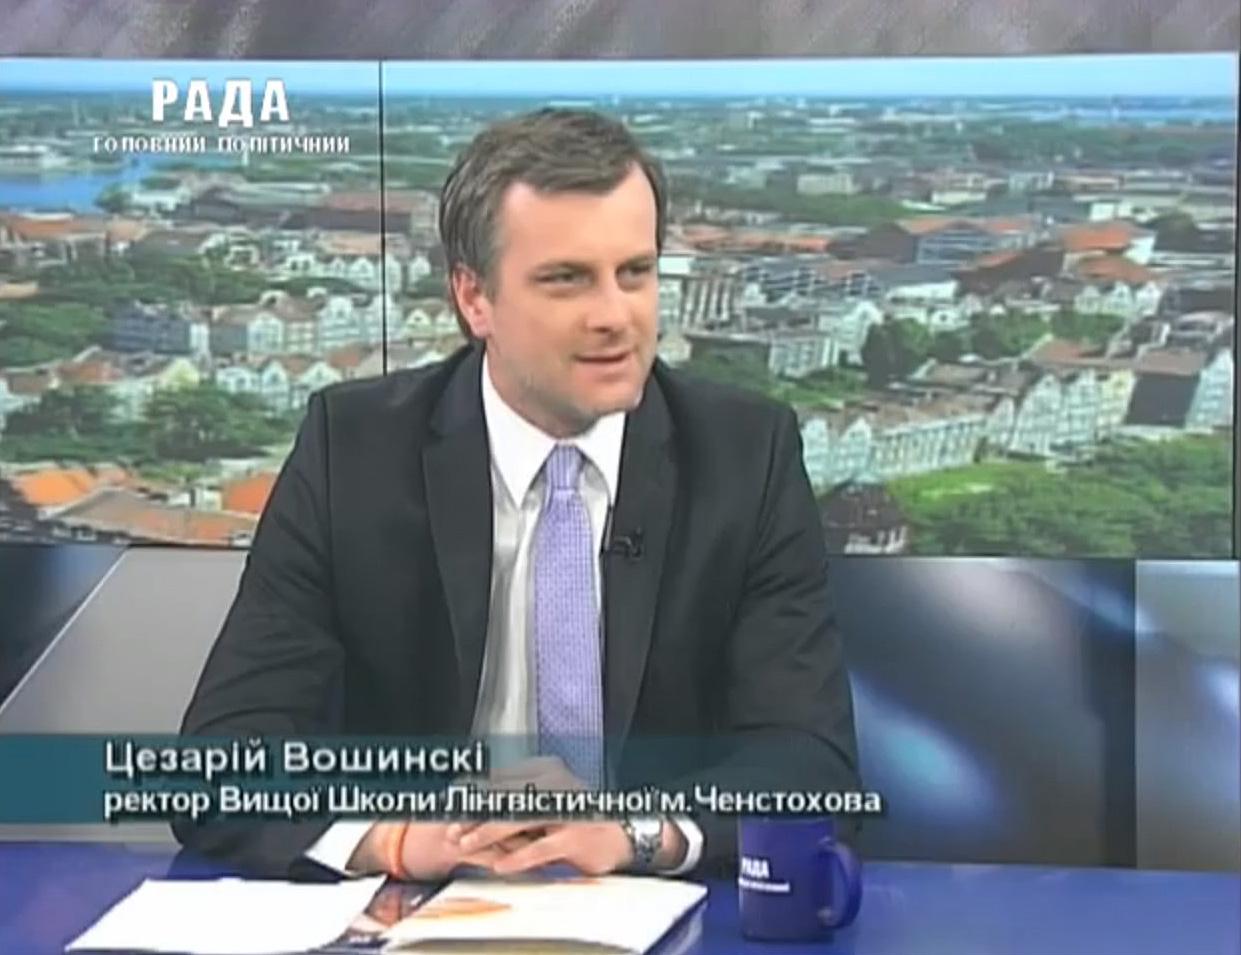 dr Cezary Wosiński, rektor Wyższej Szkoły Lingwistycznej udzielił wywiadu dla Państwowej telewizji RADA na Ukrainie